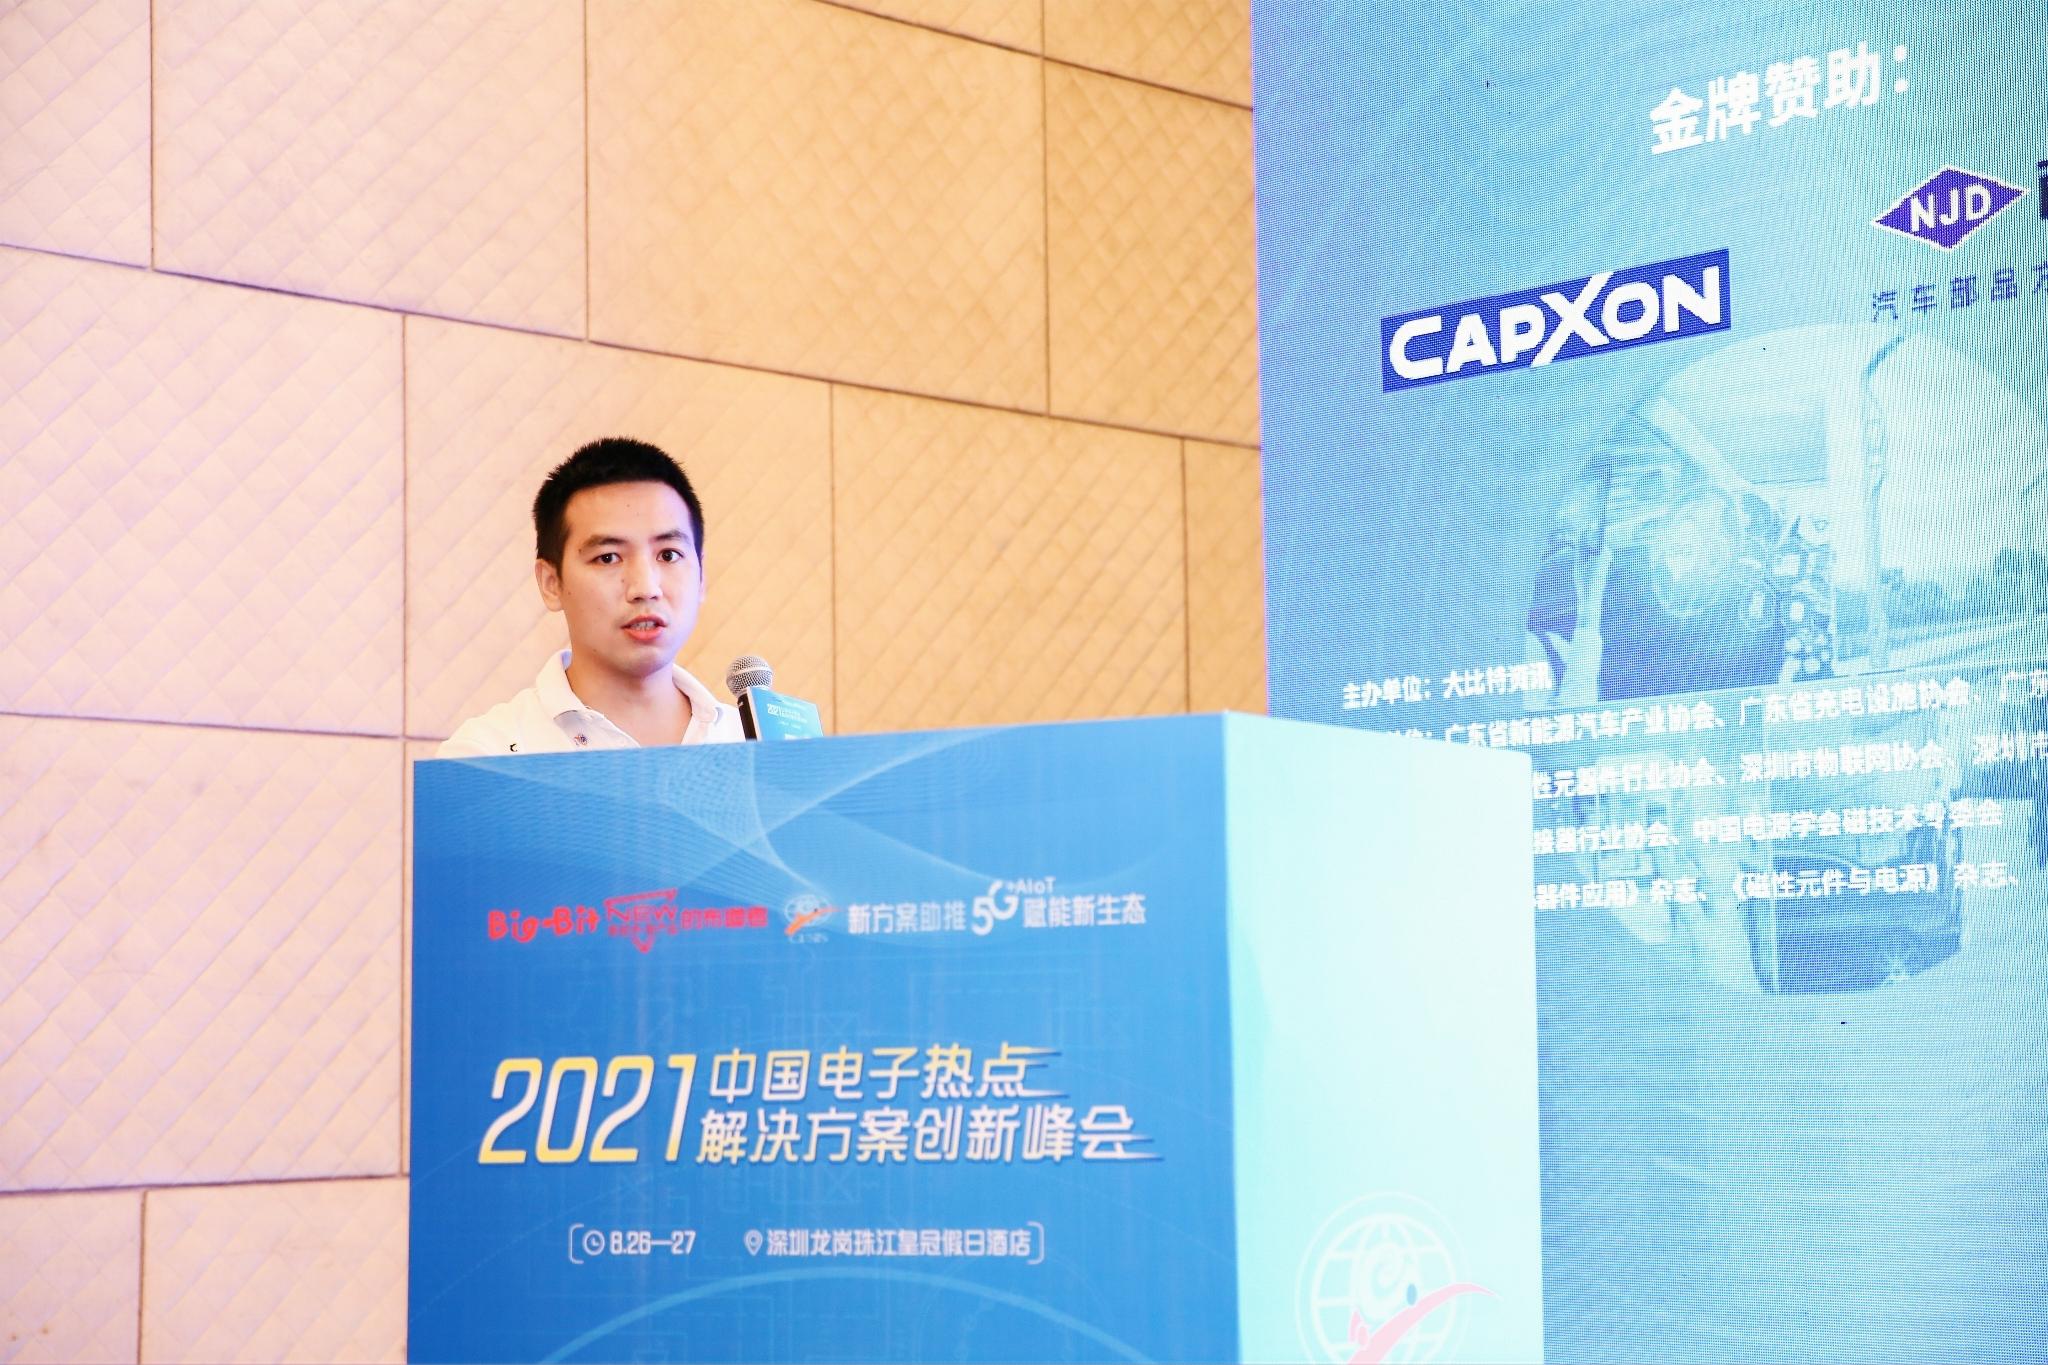 深圳市永联科技股份有限公司新能源汽车事业部大项目经理陈小平